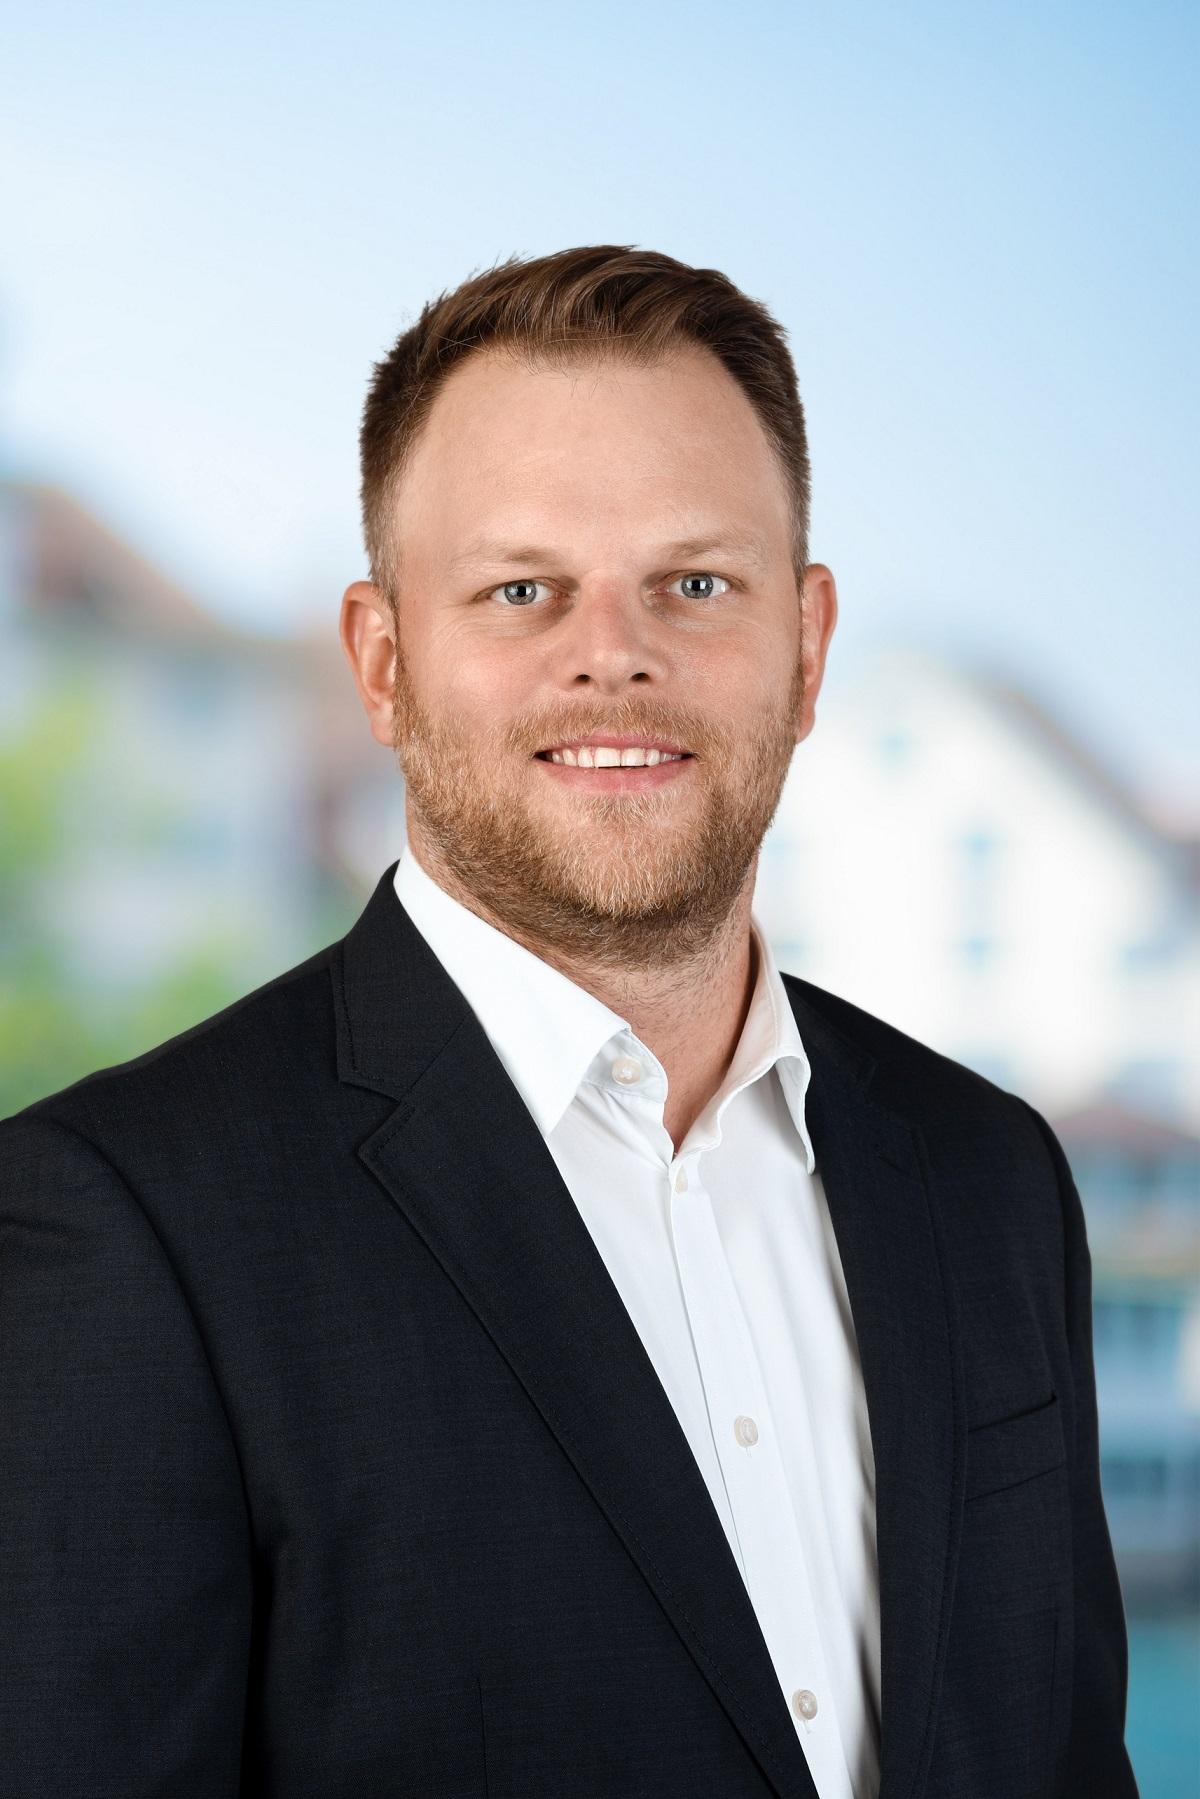 AvePoint verstärkt seine Präsenz in der Schweiz mit neuem Sales-Team